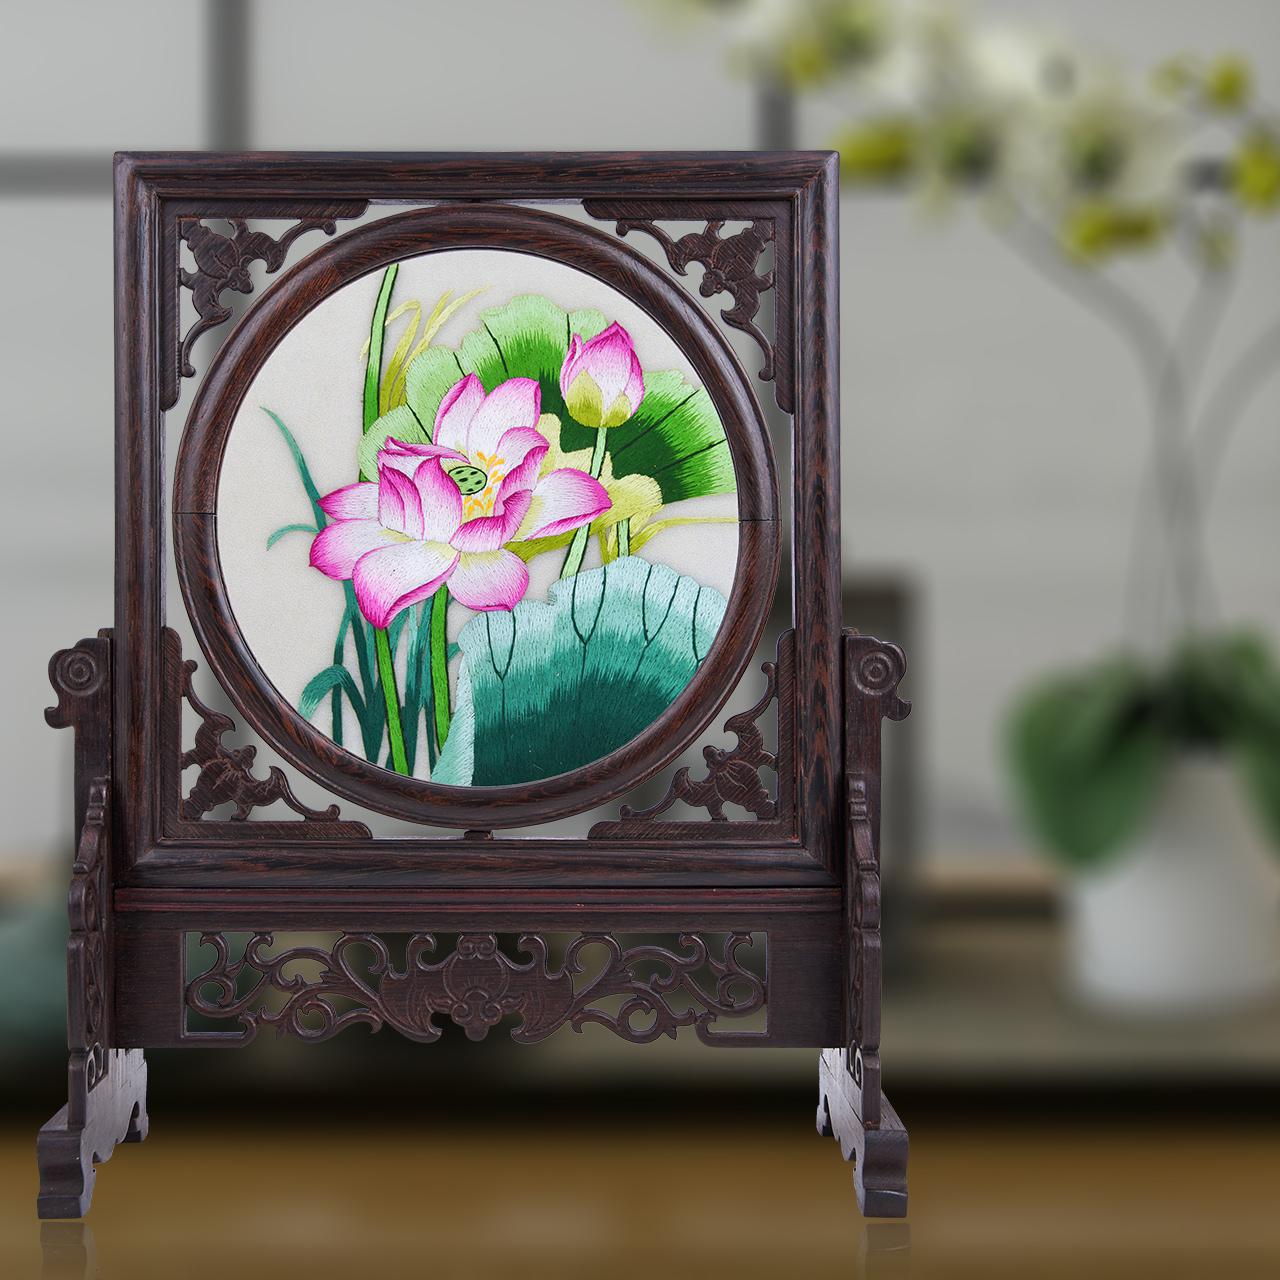 苏州刺绣双面绣装饰房间的小饰品摆件工艺品中国特色礼品送老外